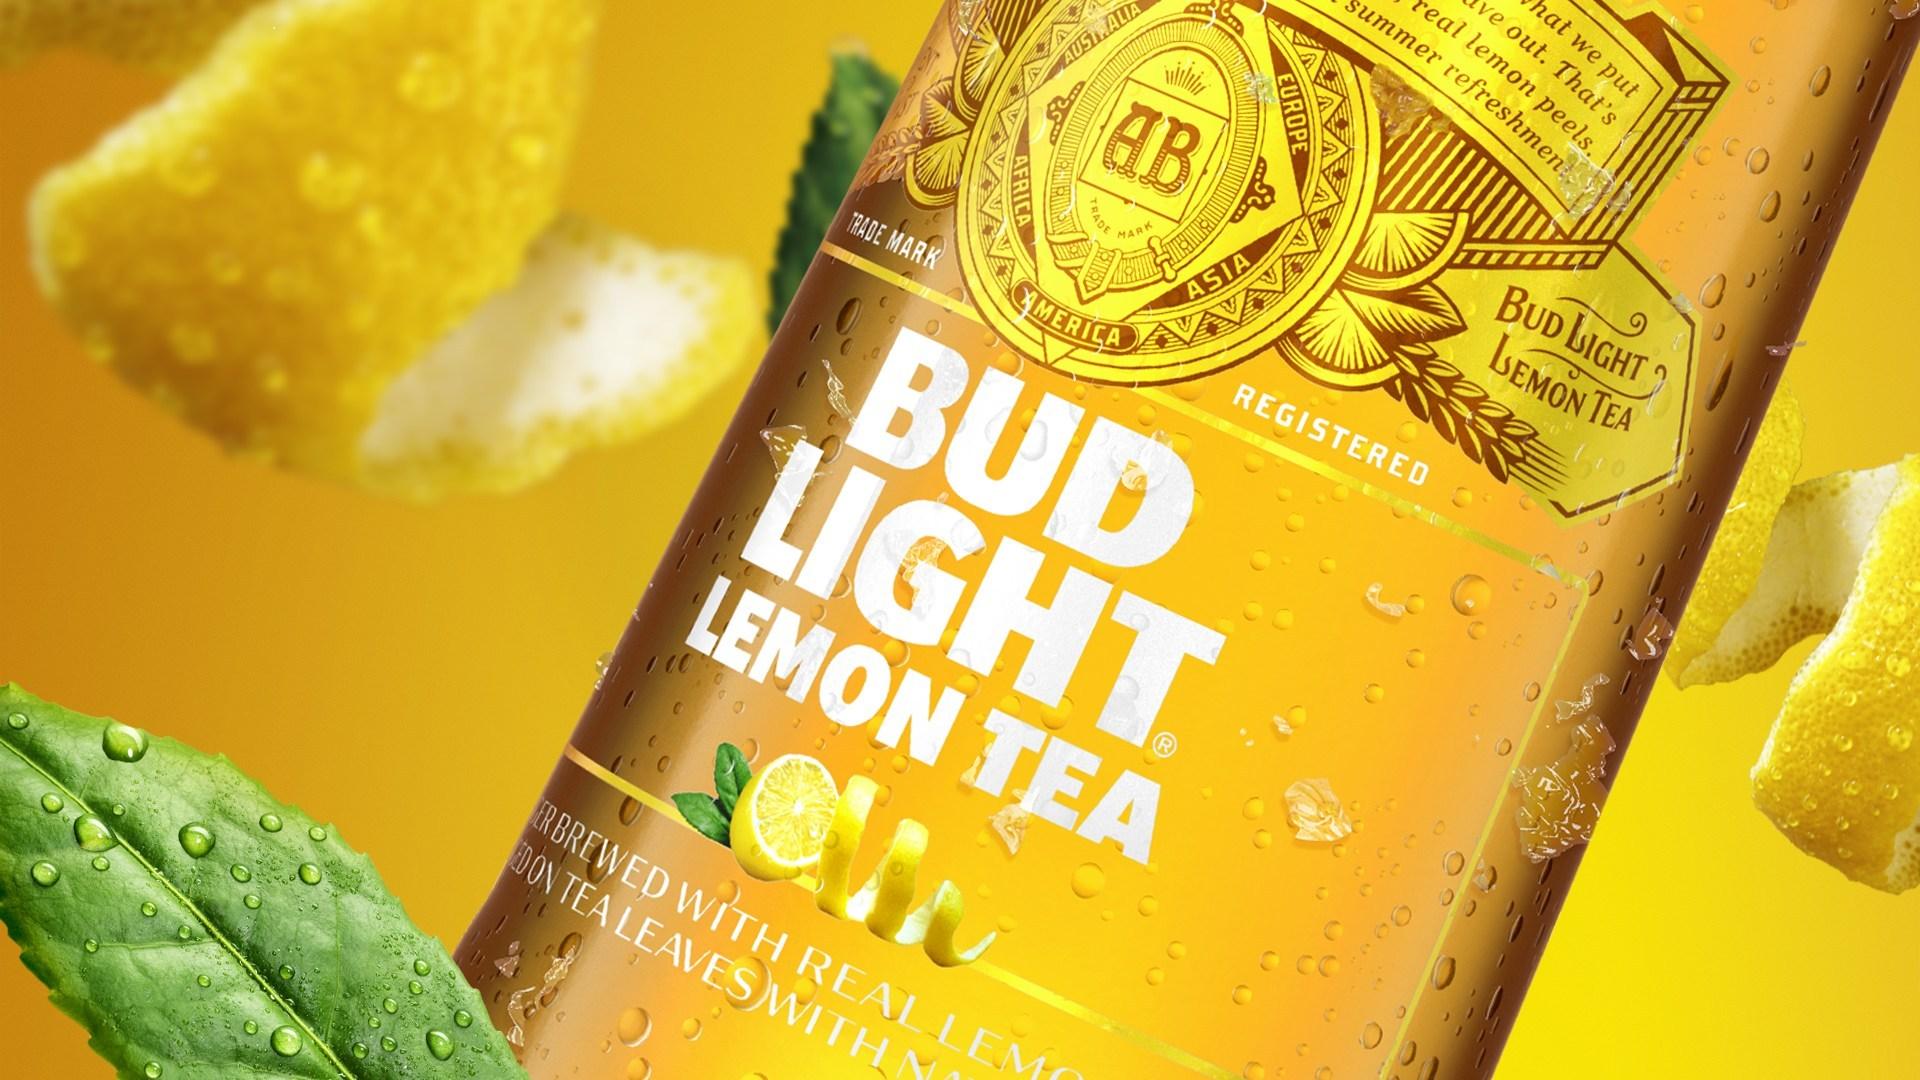 Bud Light Lemon Tea Is Here and It Tastes Like 'Summer and Sunshine'